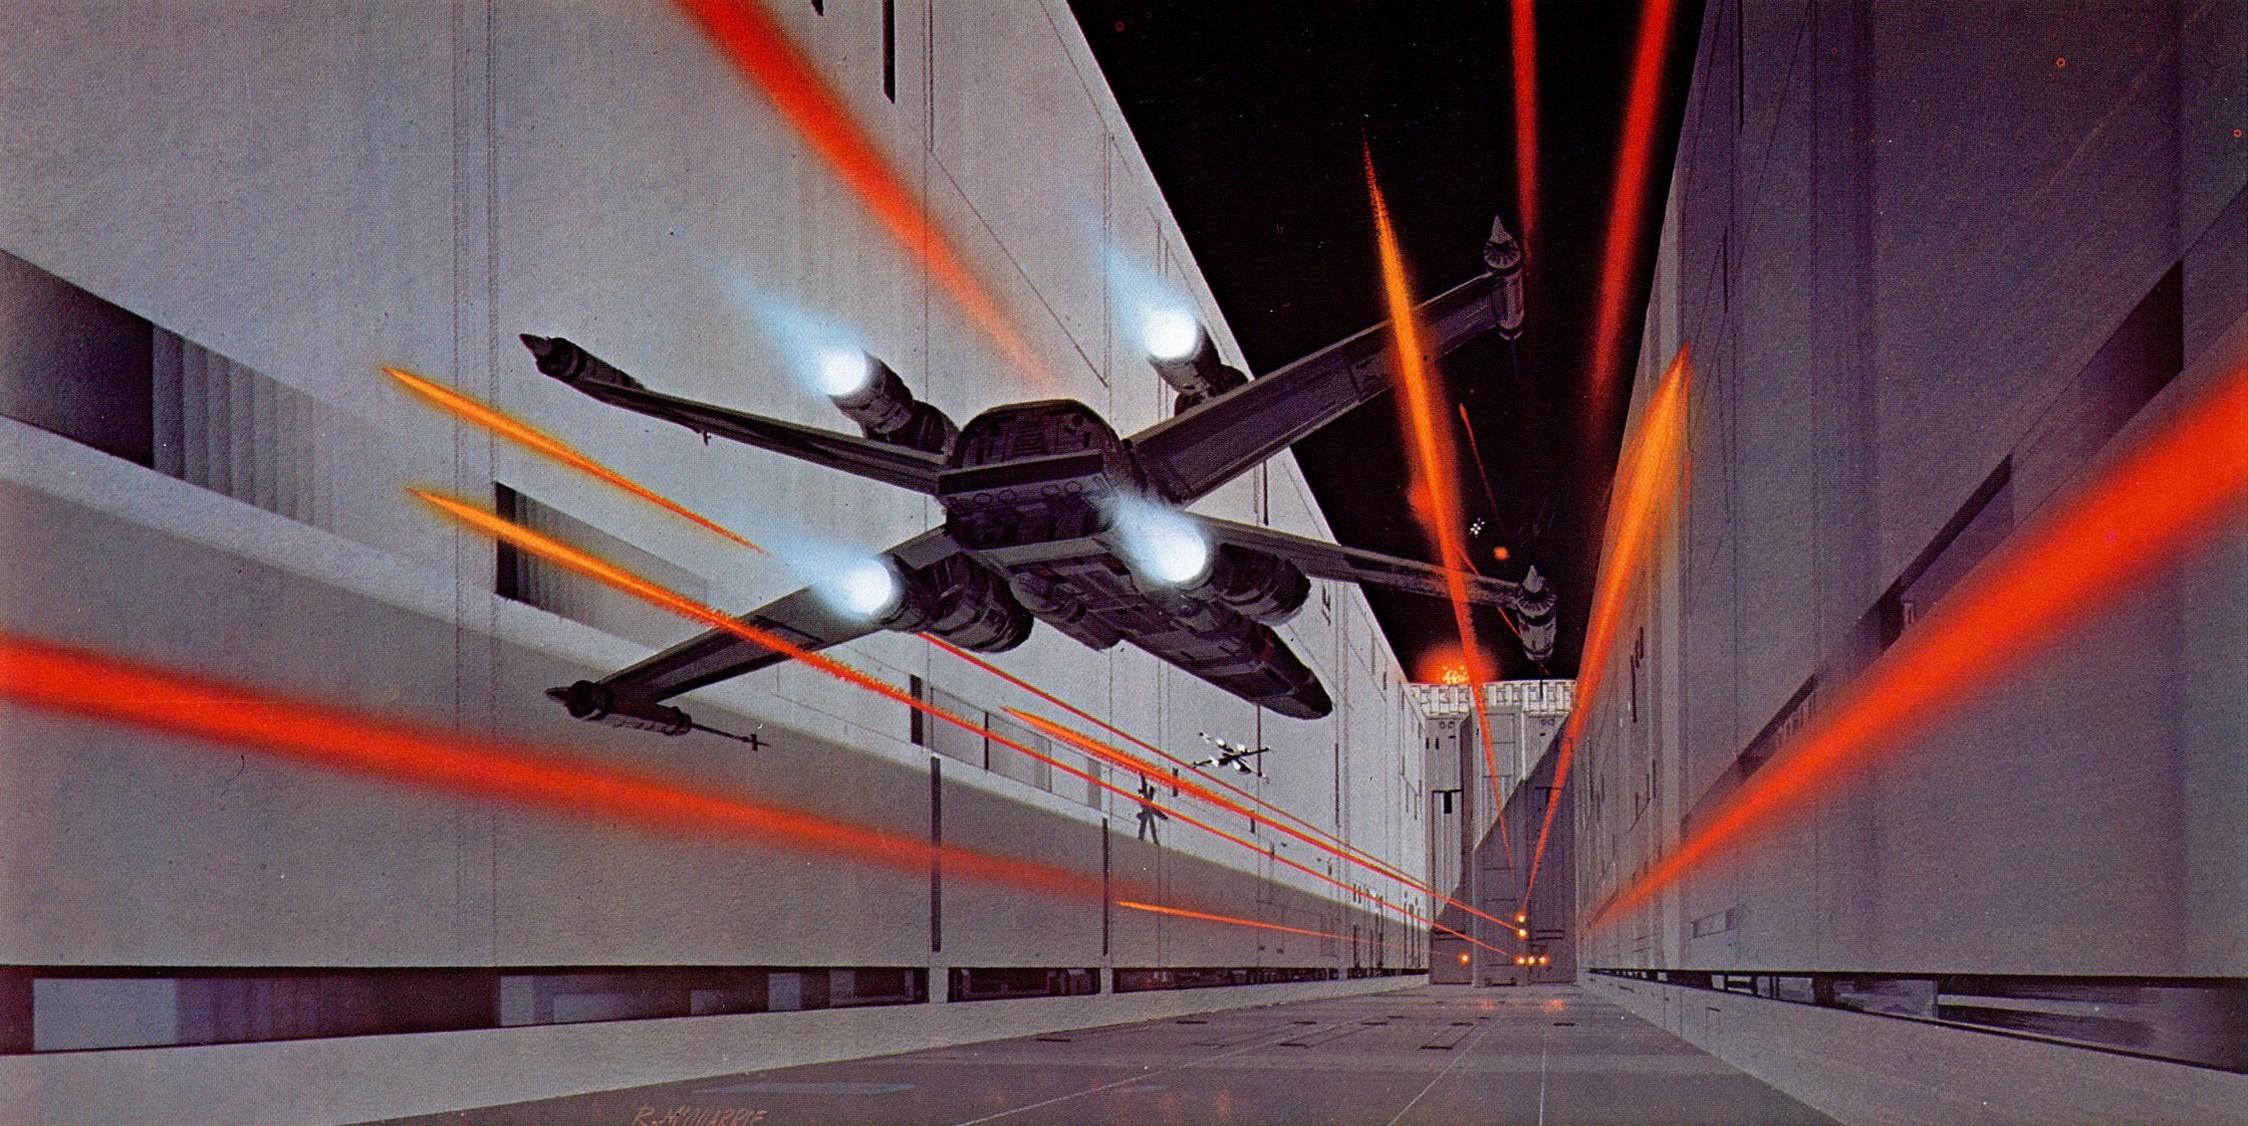 star-wars-rmq-22